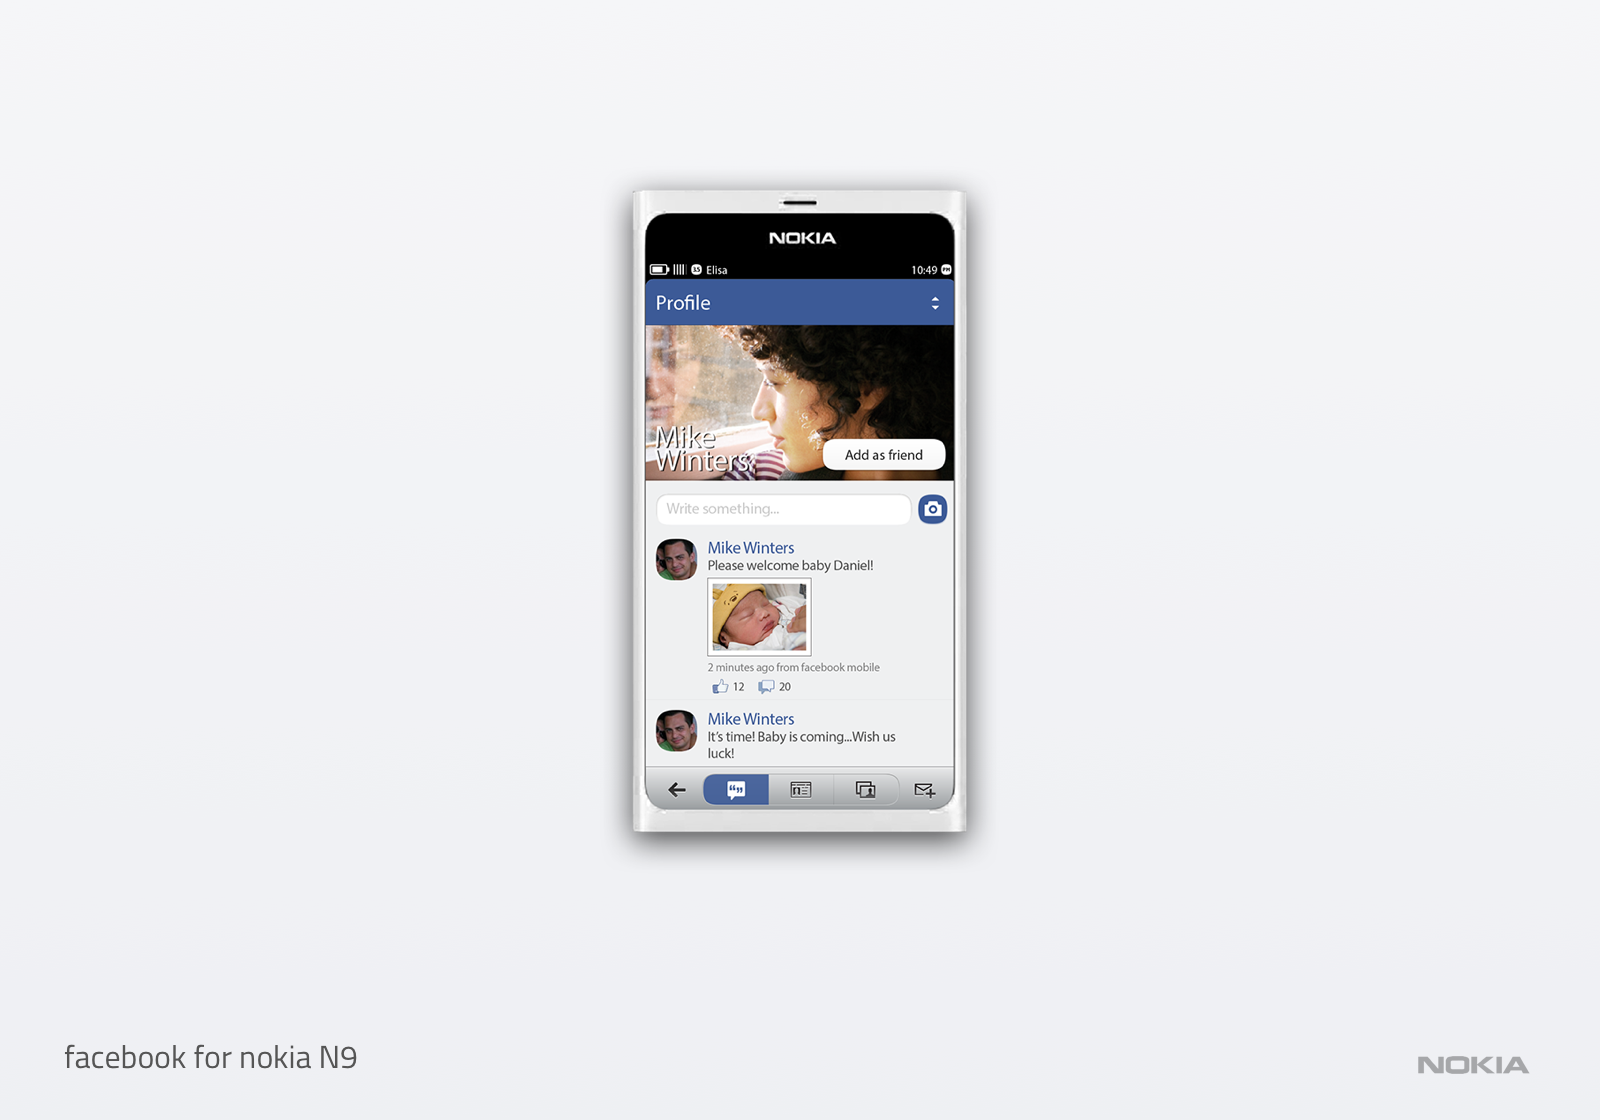 Nokia N9 facebook app